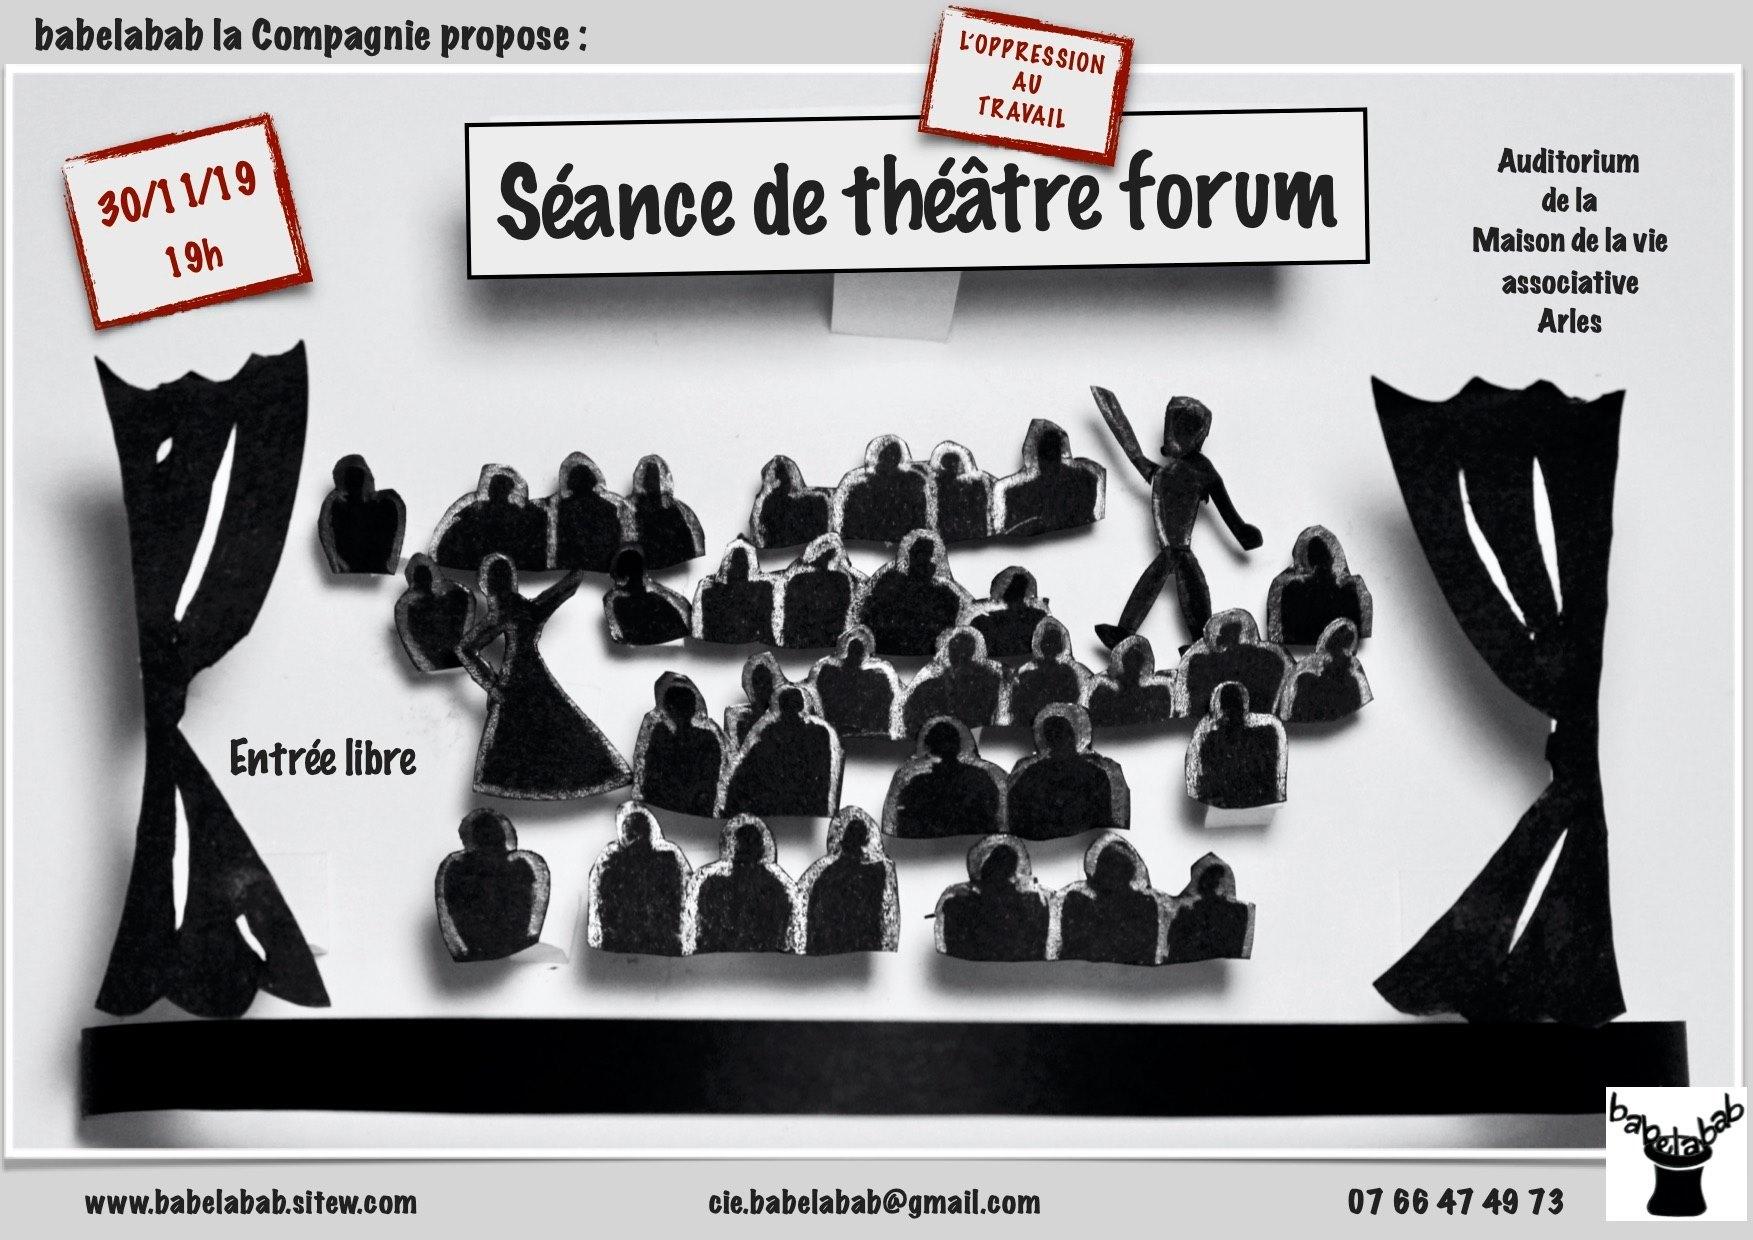 Première séance de théâtre forum de l'atelier